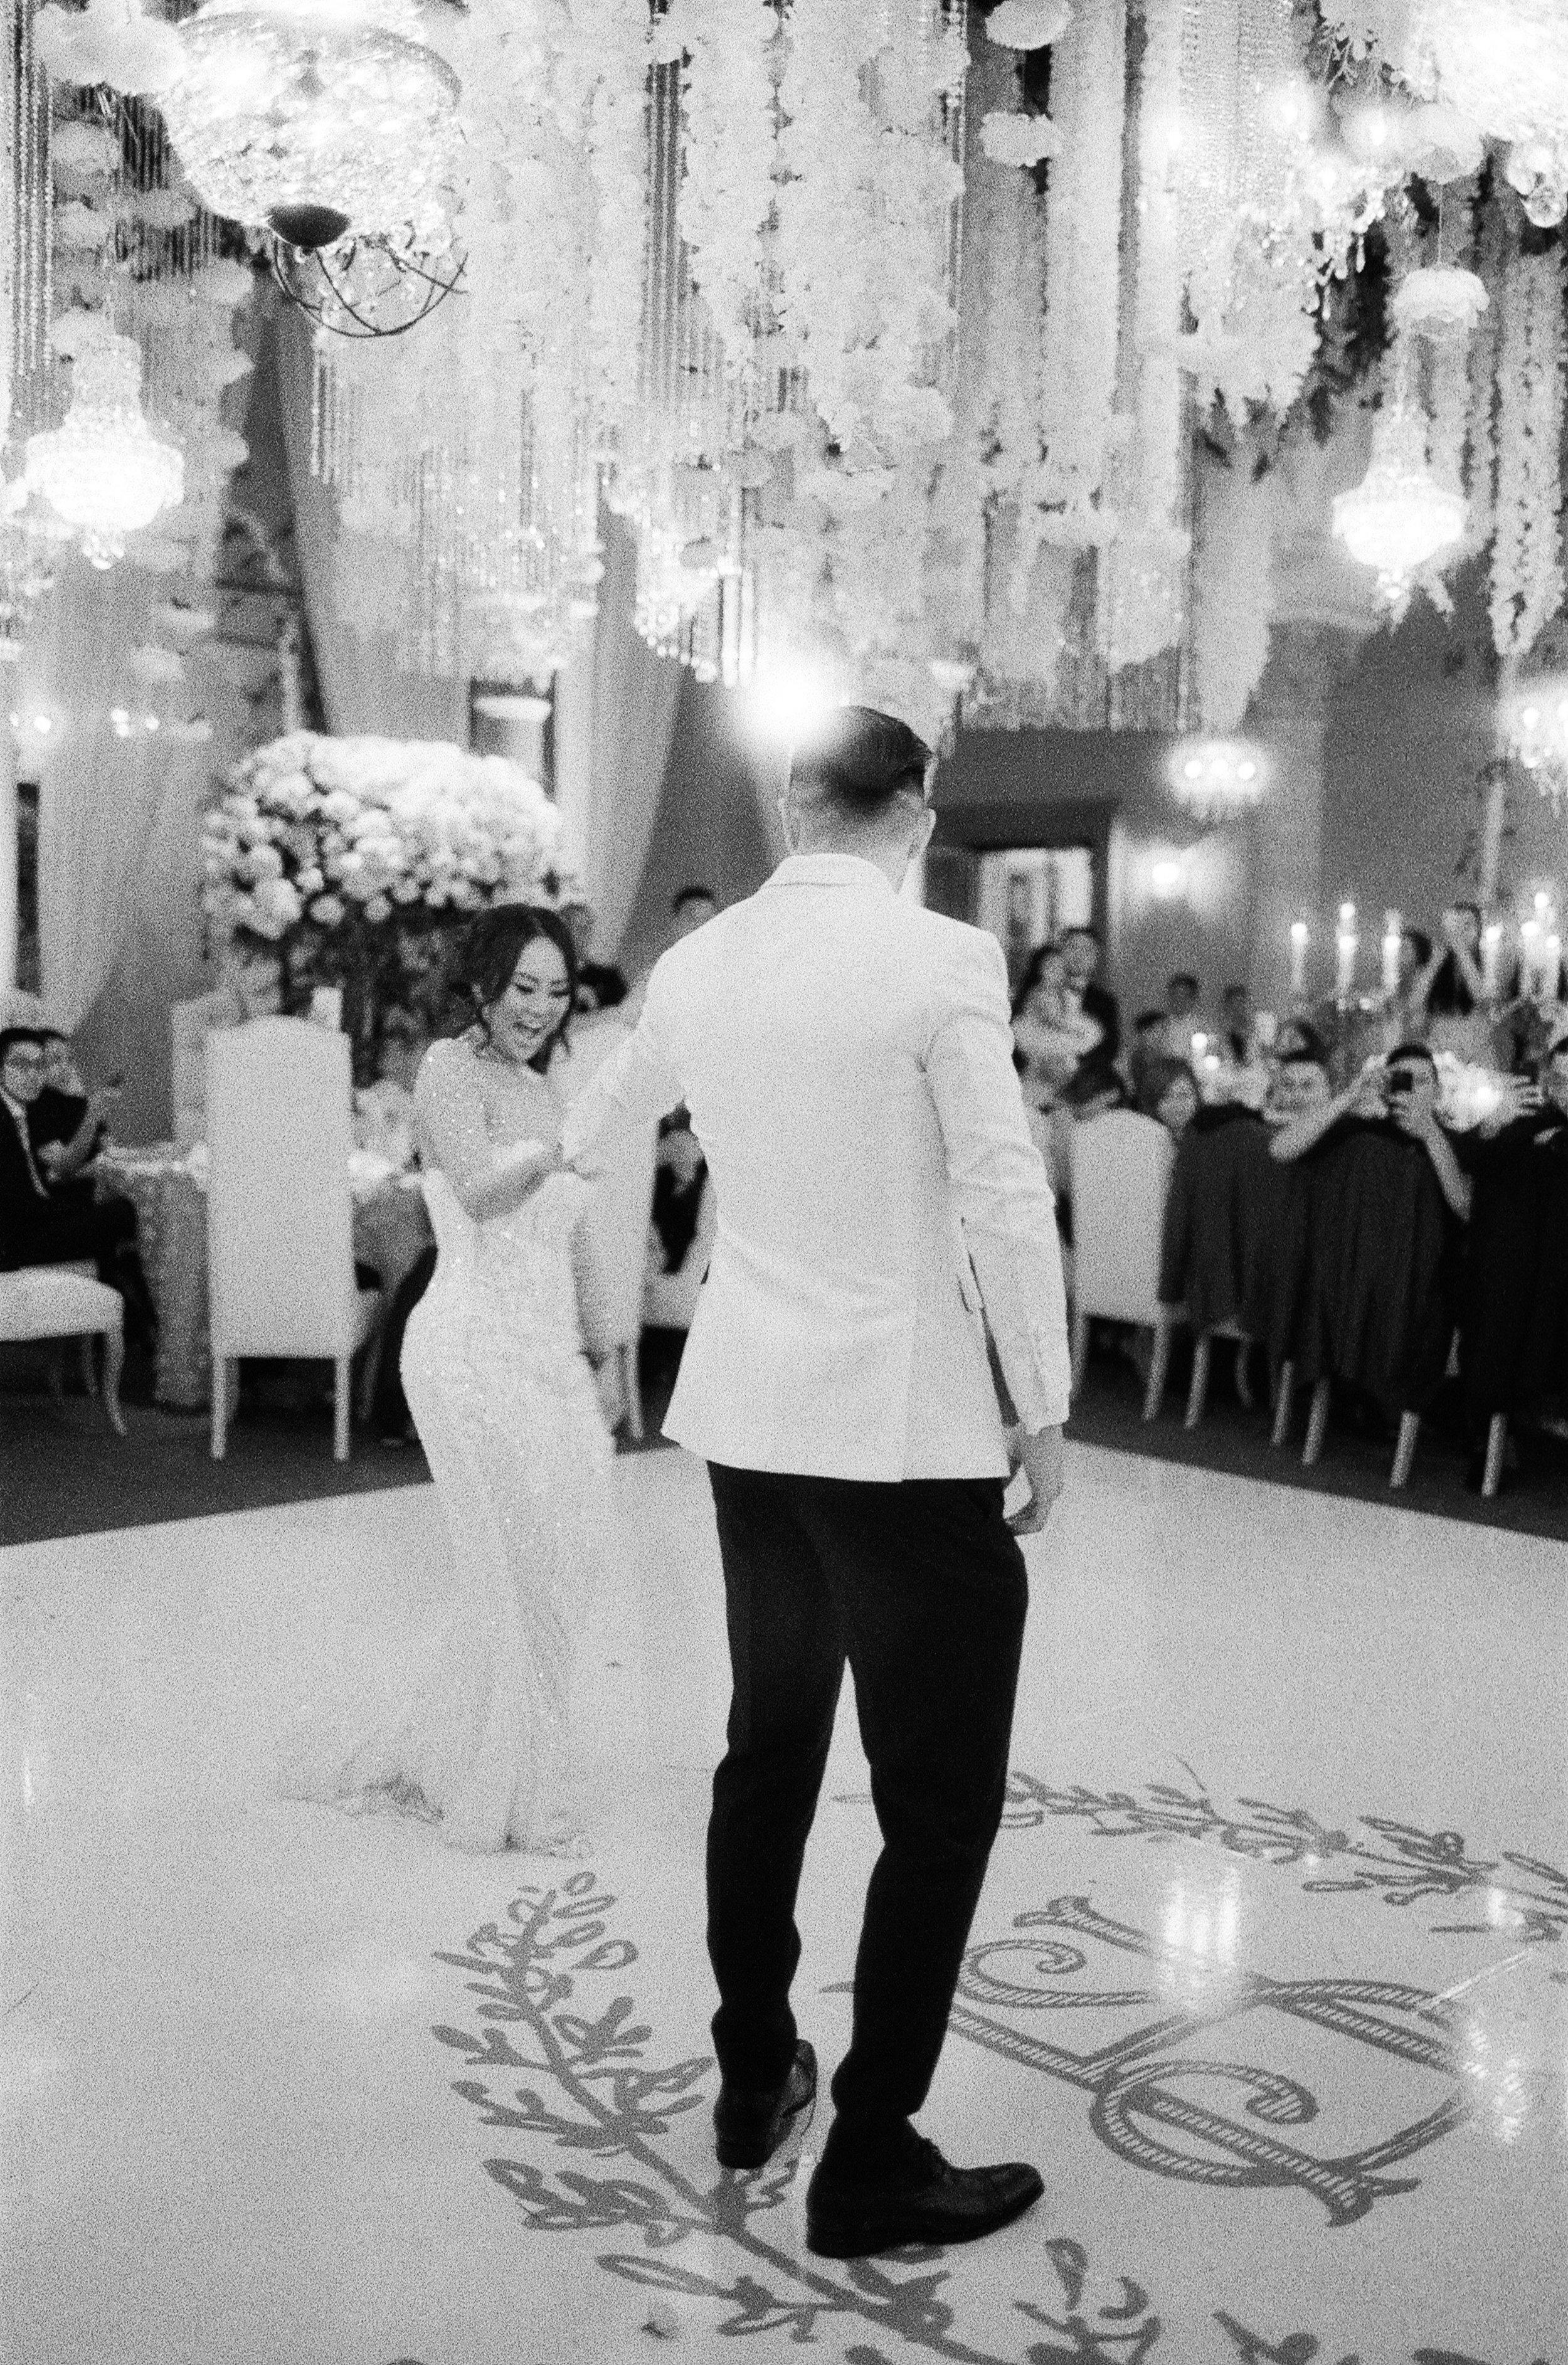 Athenaeum_Wedding_Hi_Res-105-Jen_Huang-000001870010.jpg